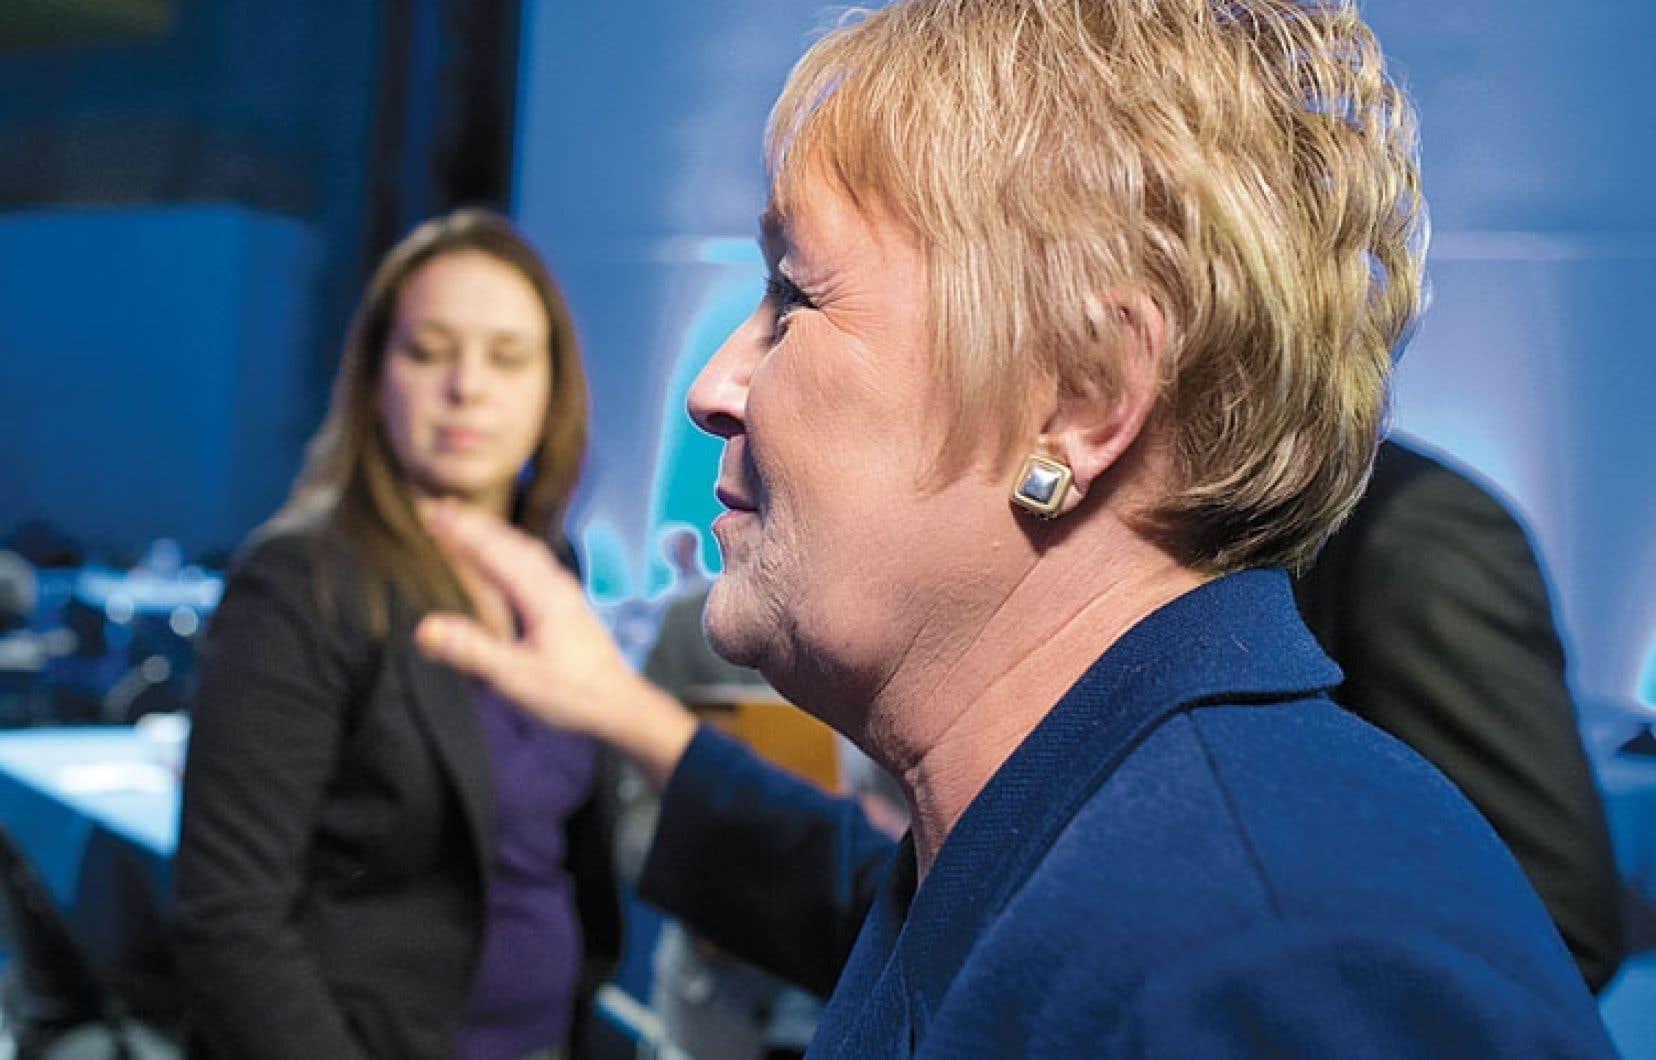 La présidente de la FEUQ, Martine Desjardins, a exprimé sa mauvaise humeur en tentant d'éviter de serrer la main de Pauline Marois à l'issue du Sommet.